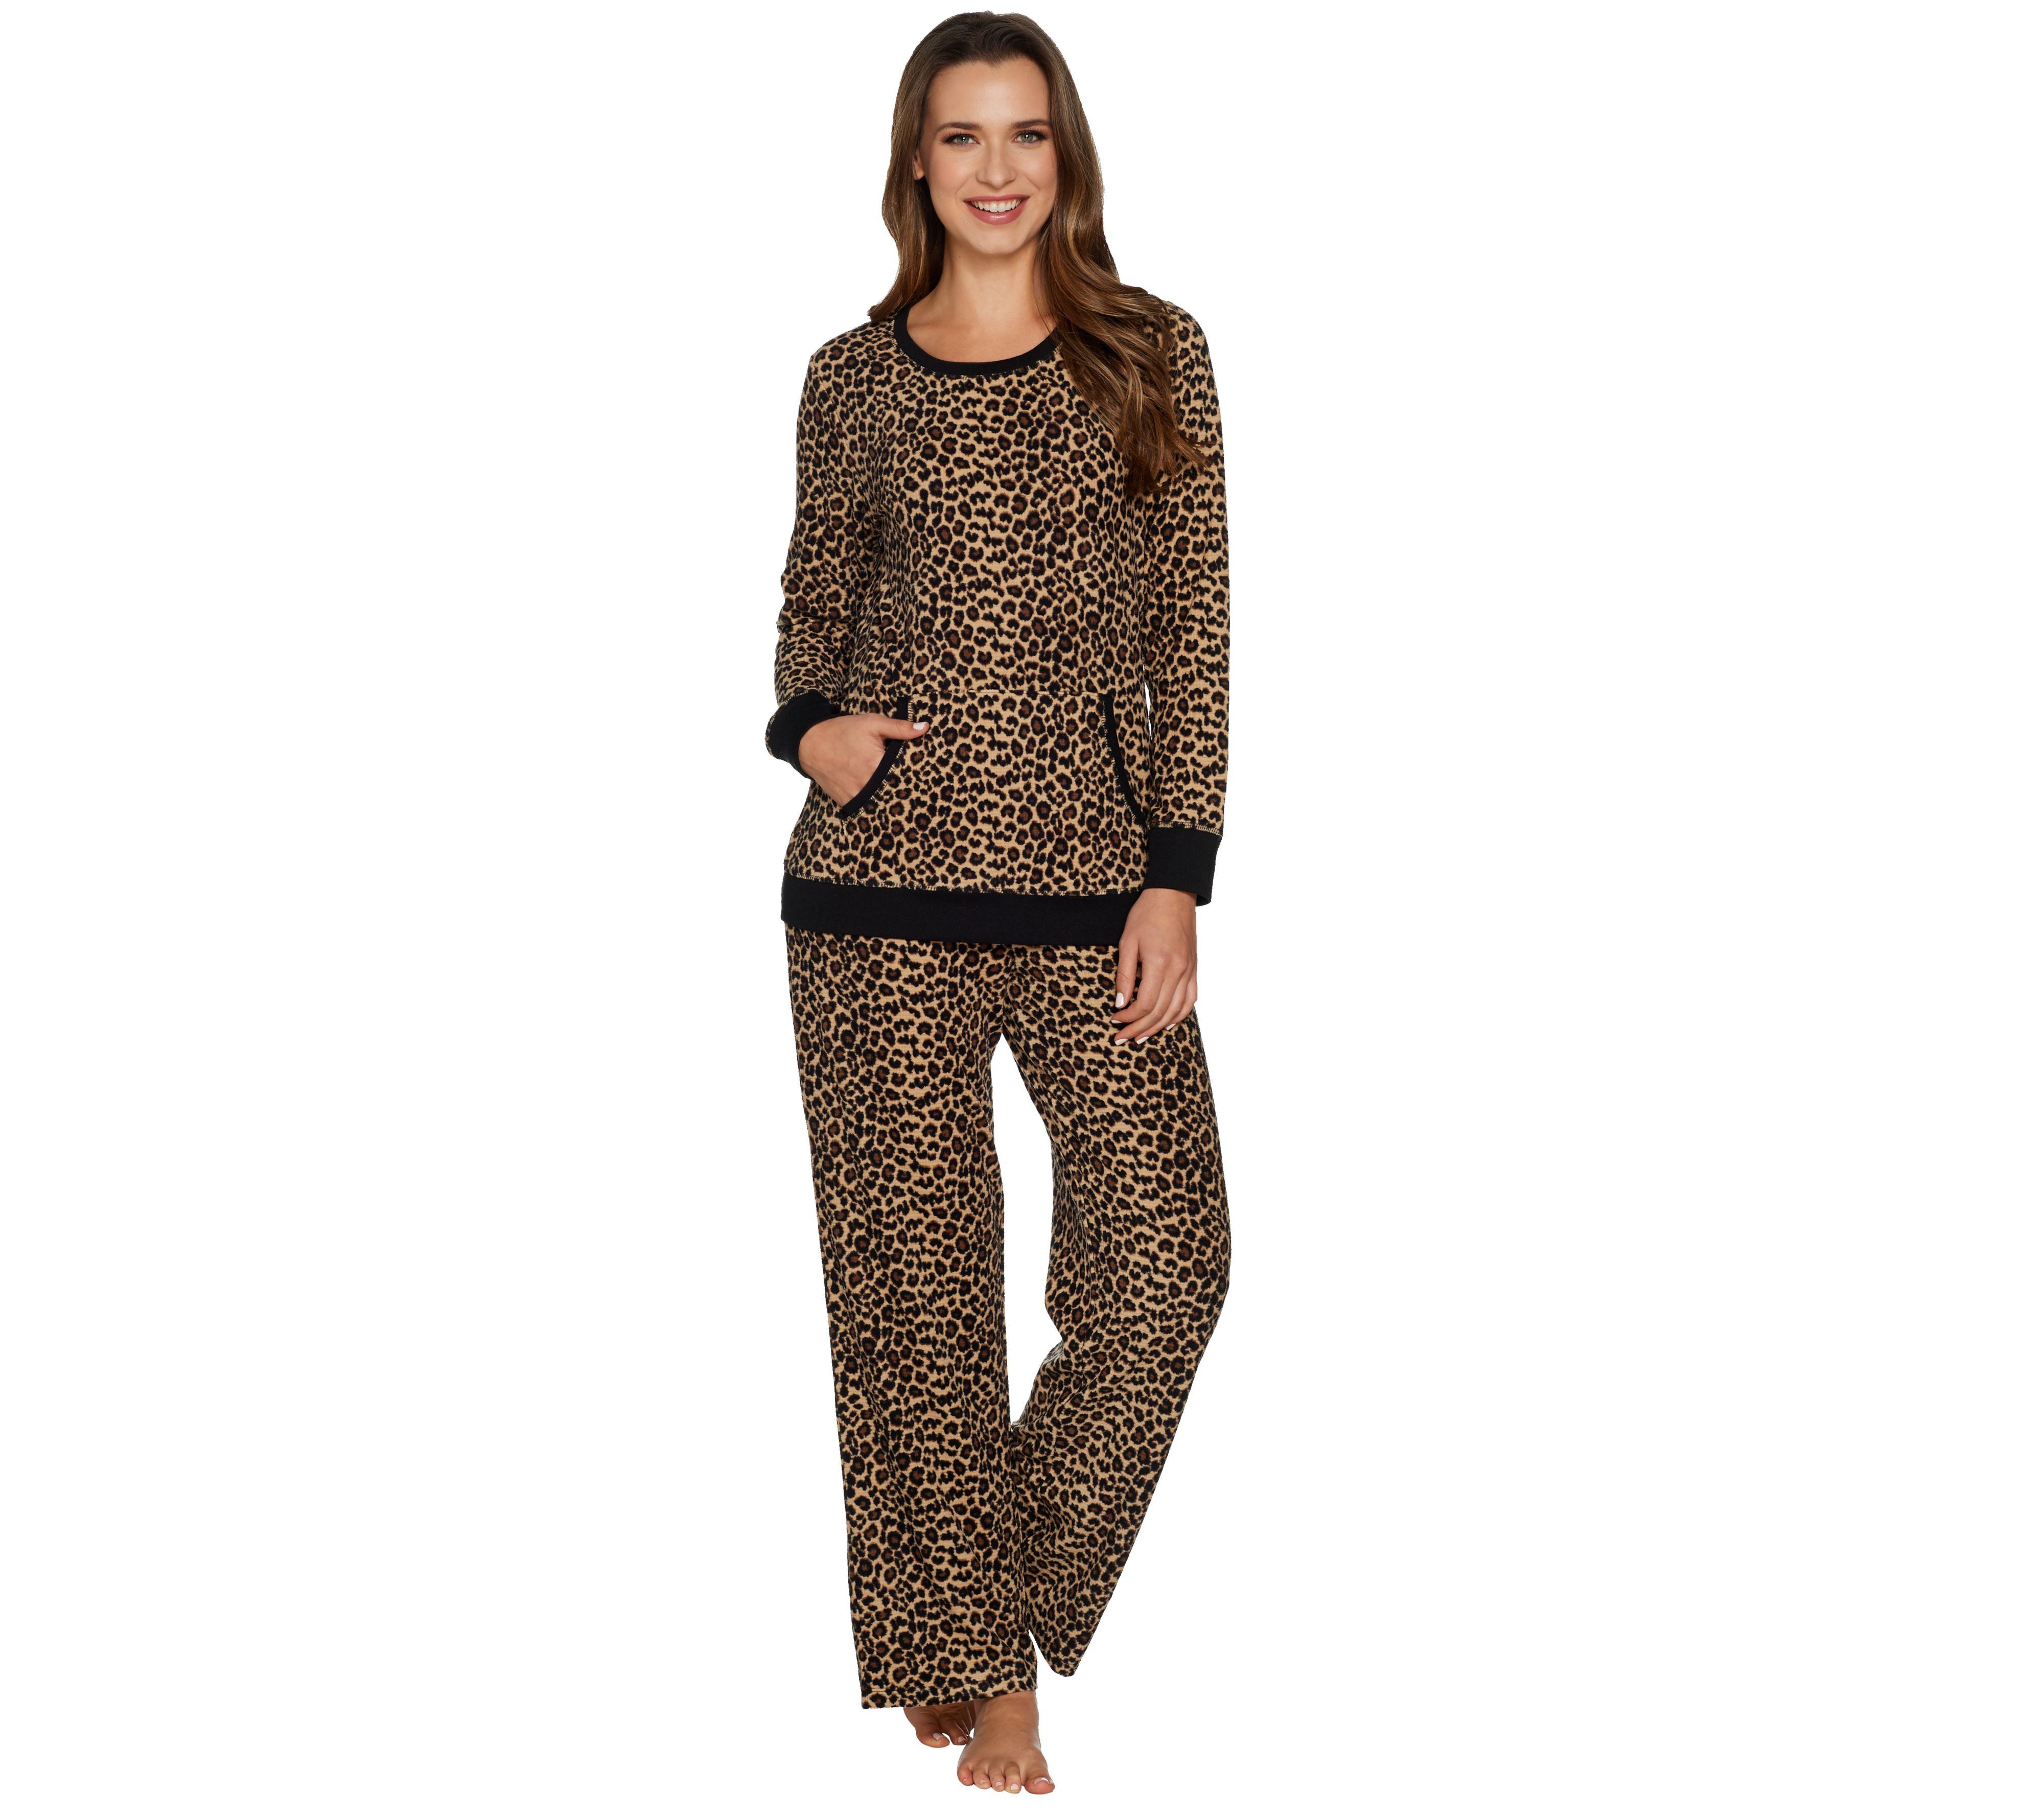 Carole Hochman Petite Waffle Fleece Novelty Pajama Set - Page 1 — QVC.com 6035a9de5